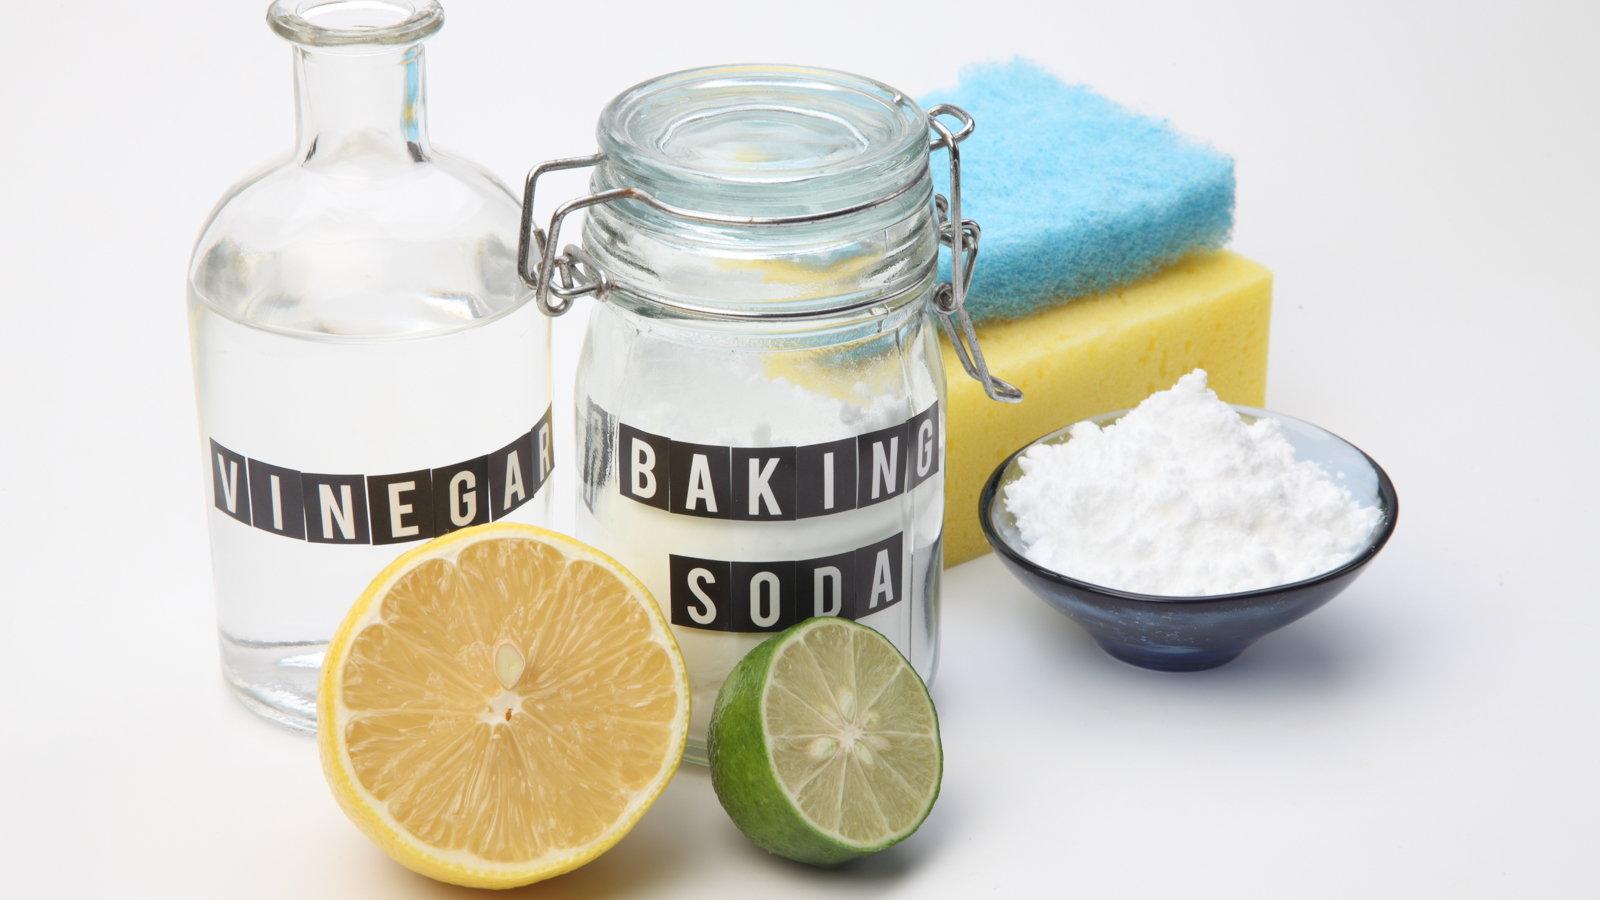 vinegar, baking soda, lemon and lime with sponges